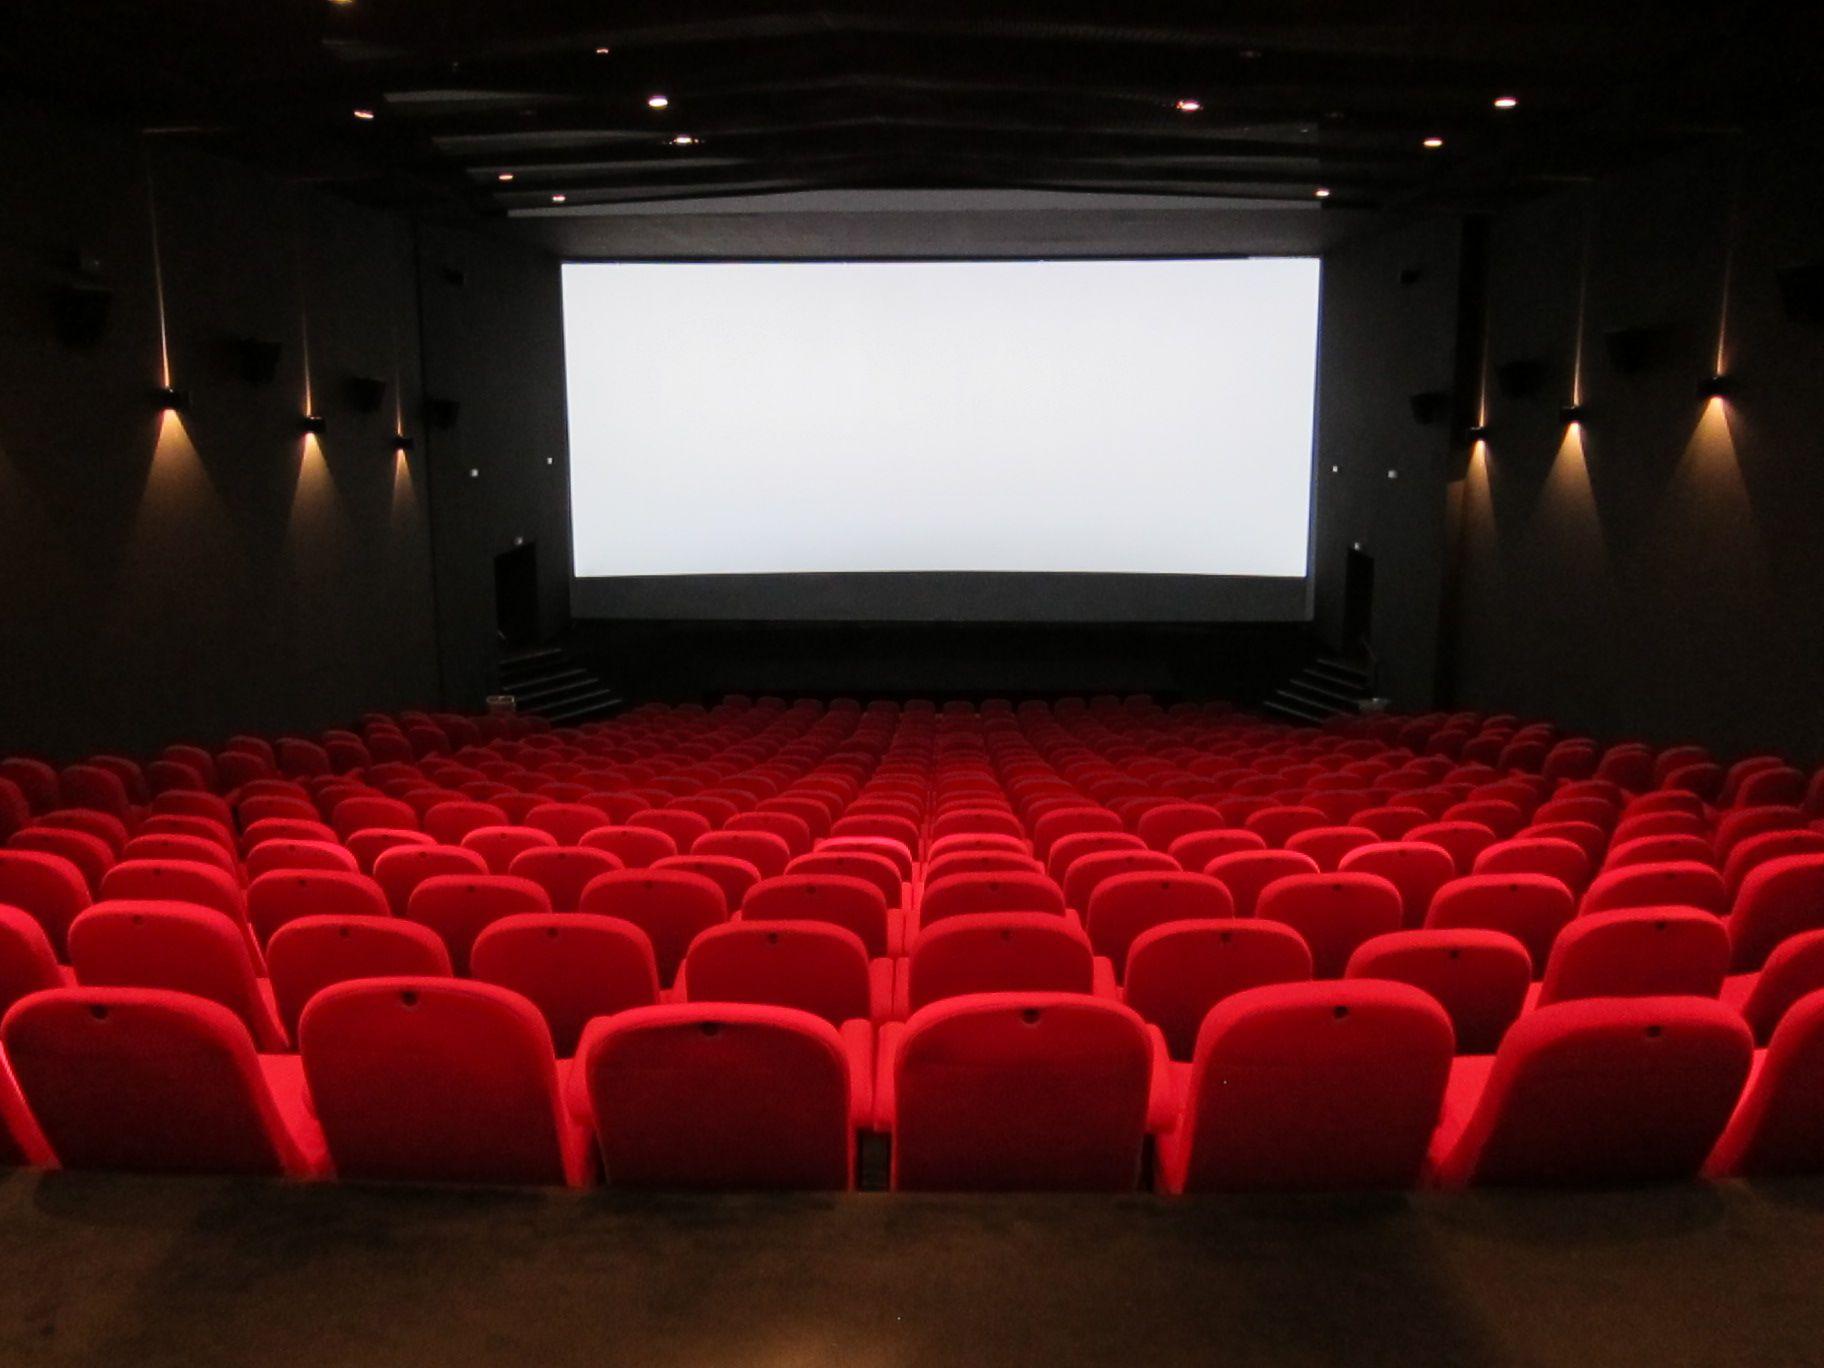 Cinéma : seulement 28% des rôles sont tenus par des femmes